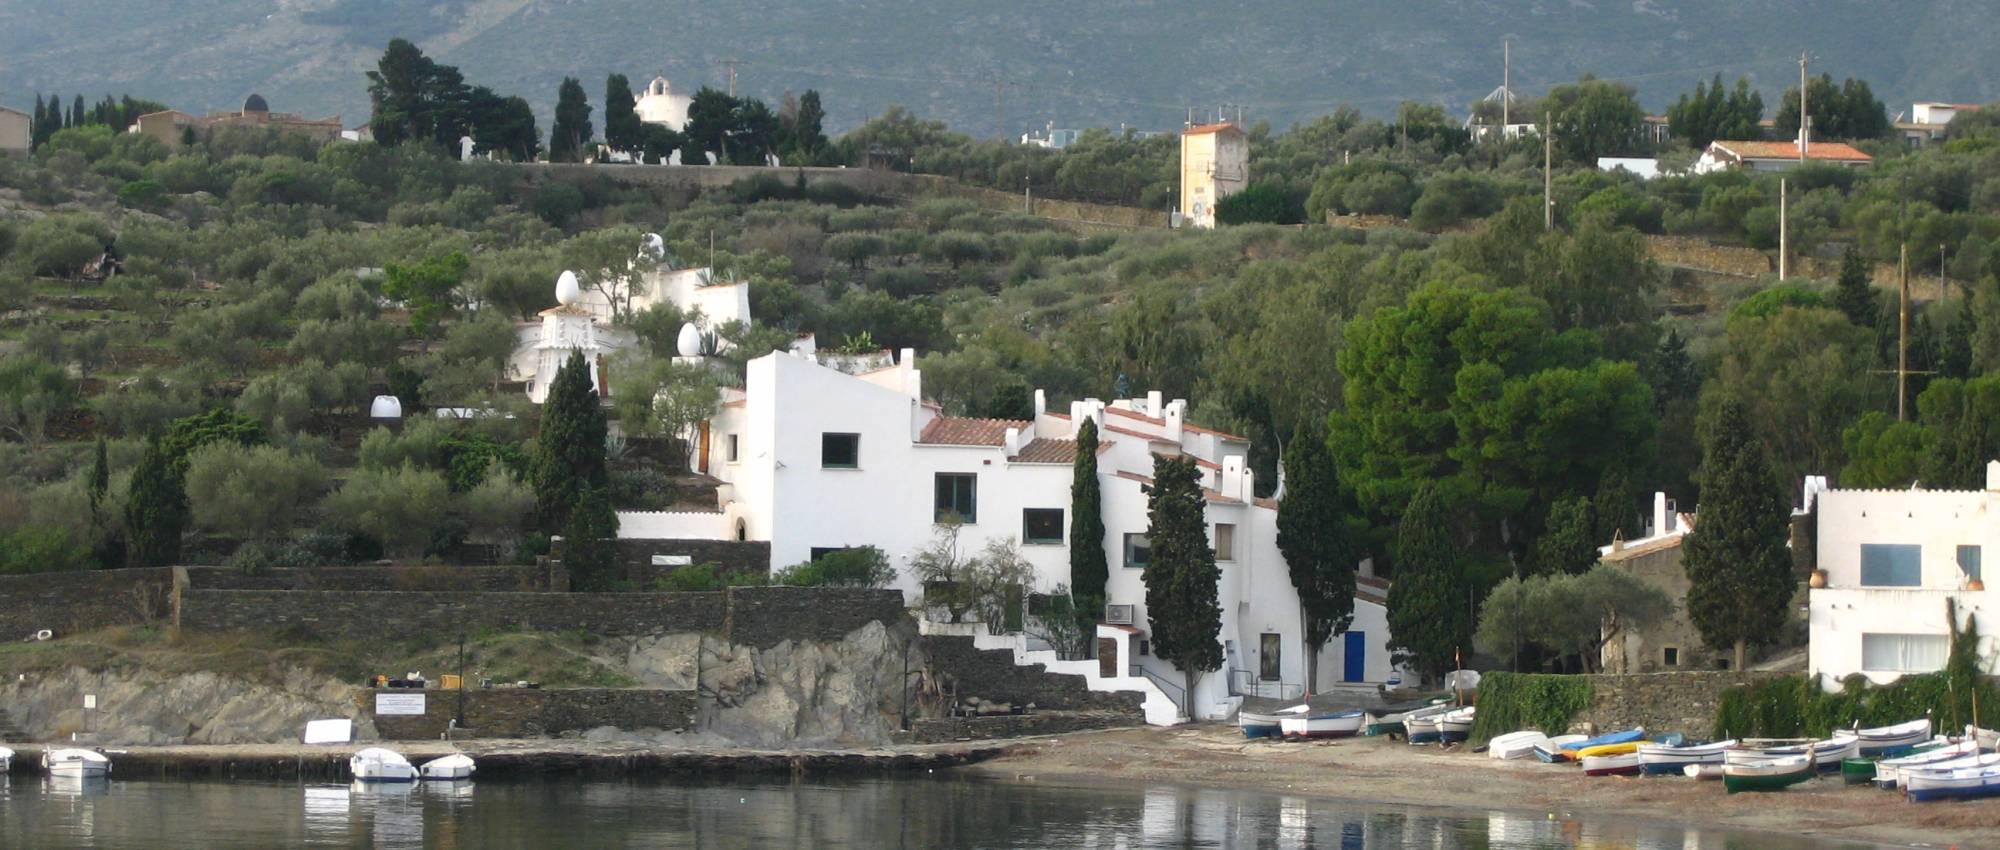 Casa salvador dal de portlligat patrimoni cultural generalitat de catalunya - Casa rural en cadaques ...